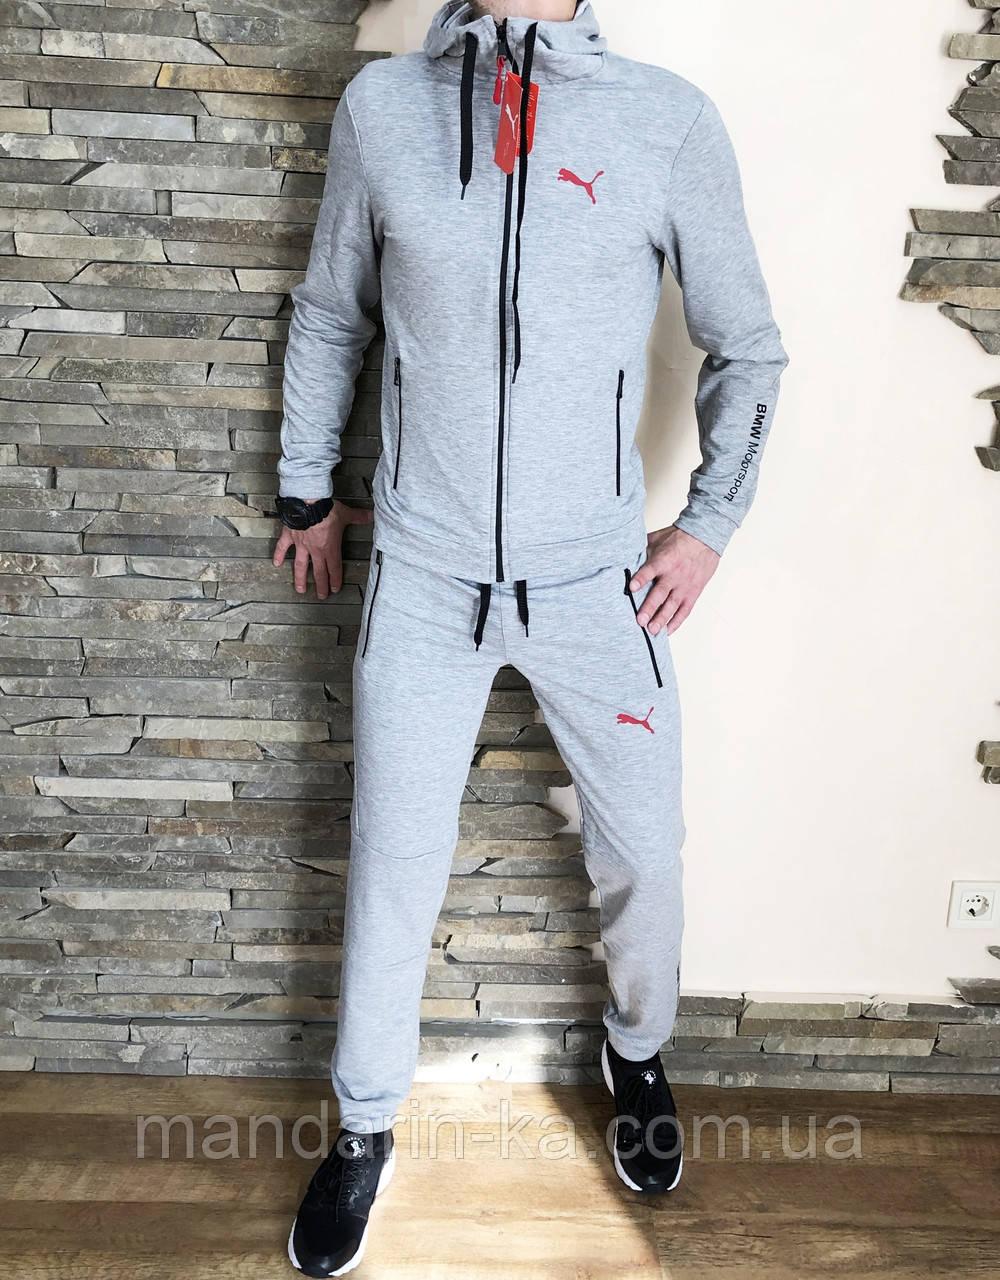 Костюм мужской спортивный серый олимпийка штаны (реплика)